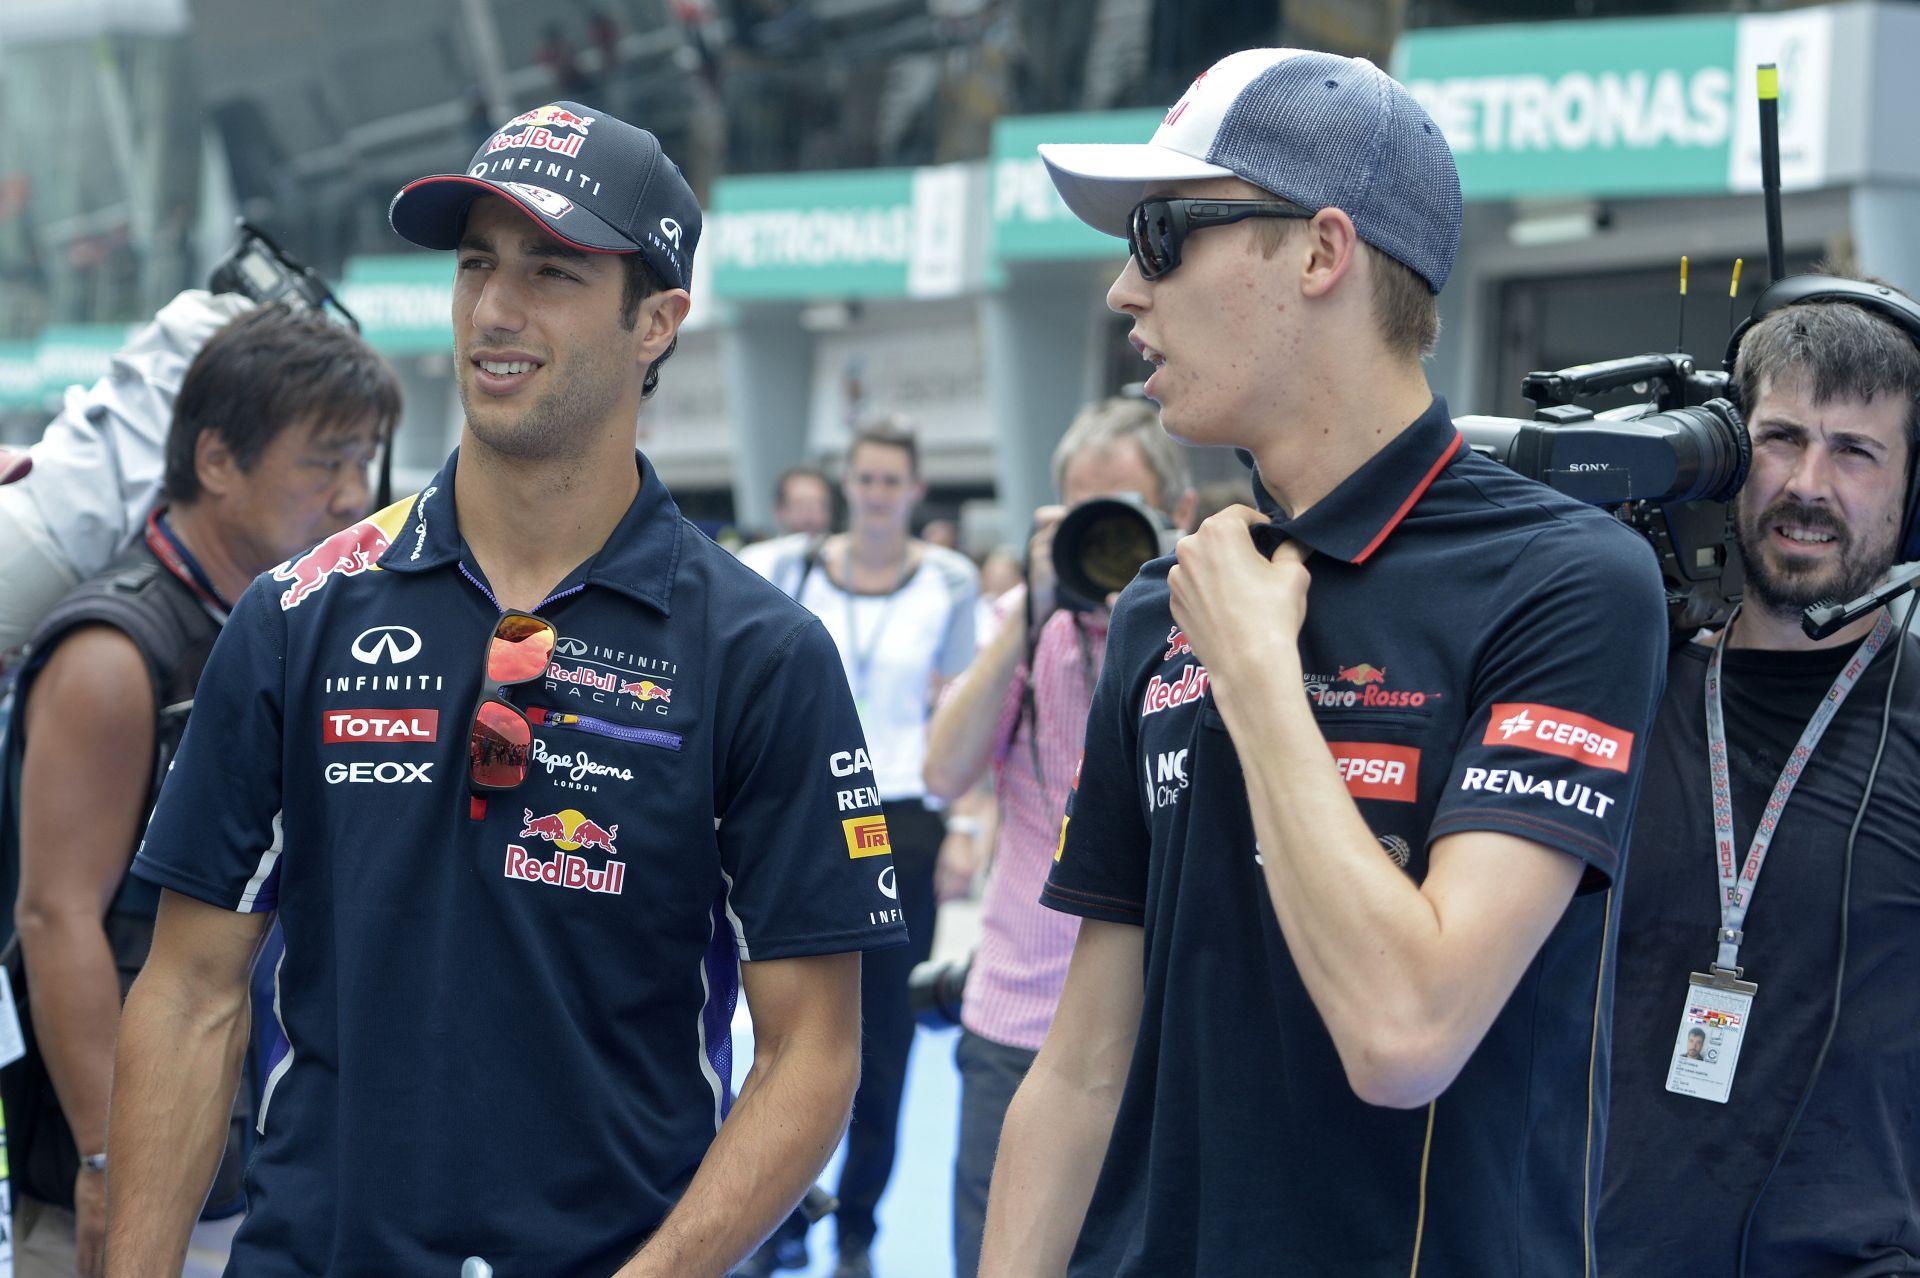 Hivatalos: Ricciardo 10 helyes rajtbüntetést kapott a Bahreini Nagydíjra